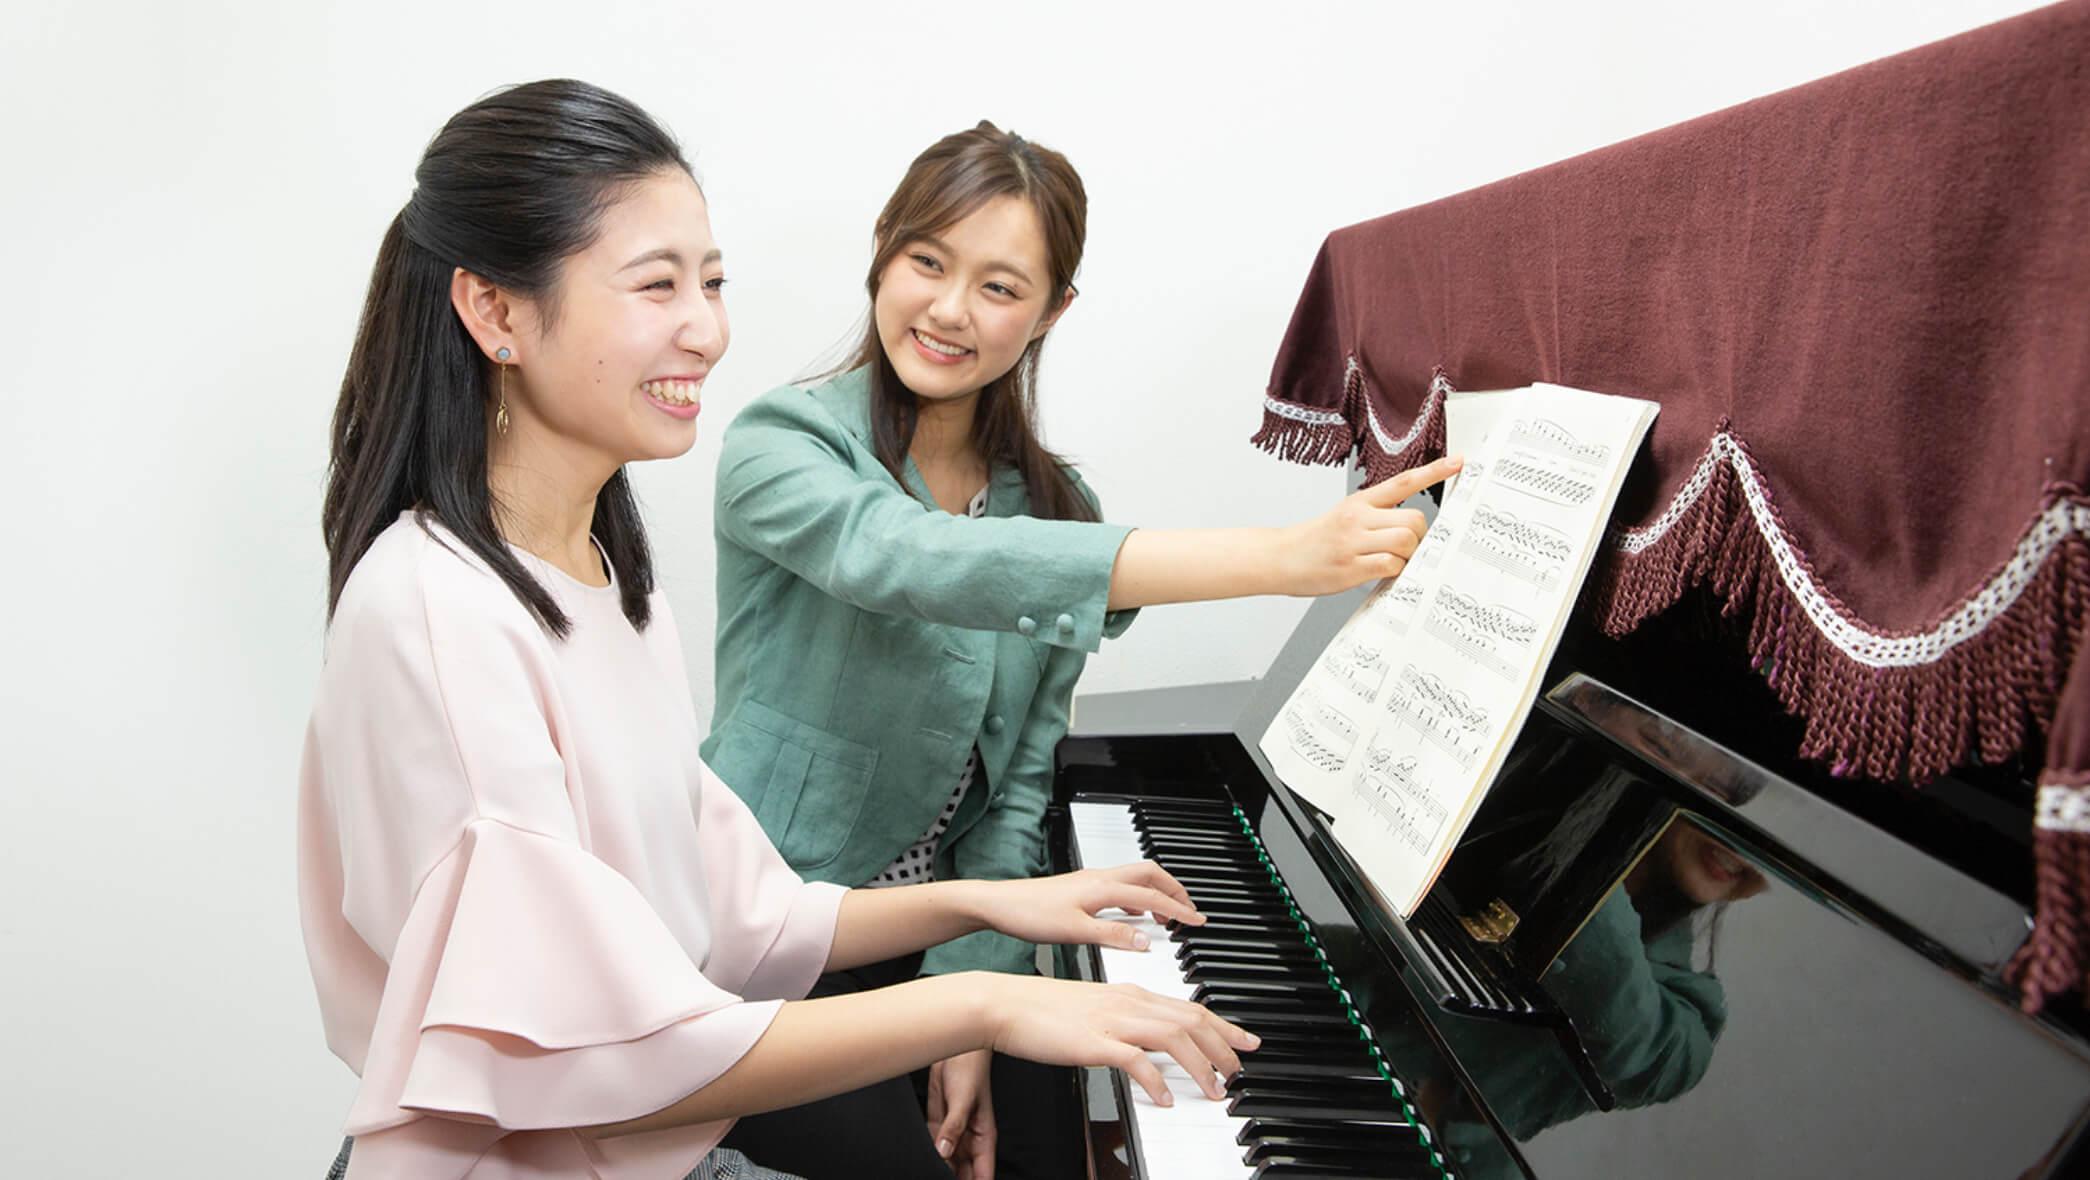 楽しそうにピアノを弾く女性